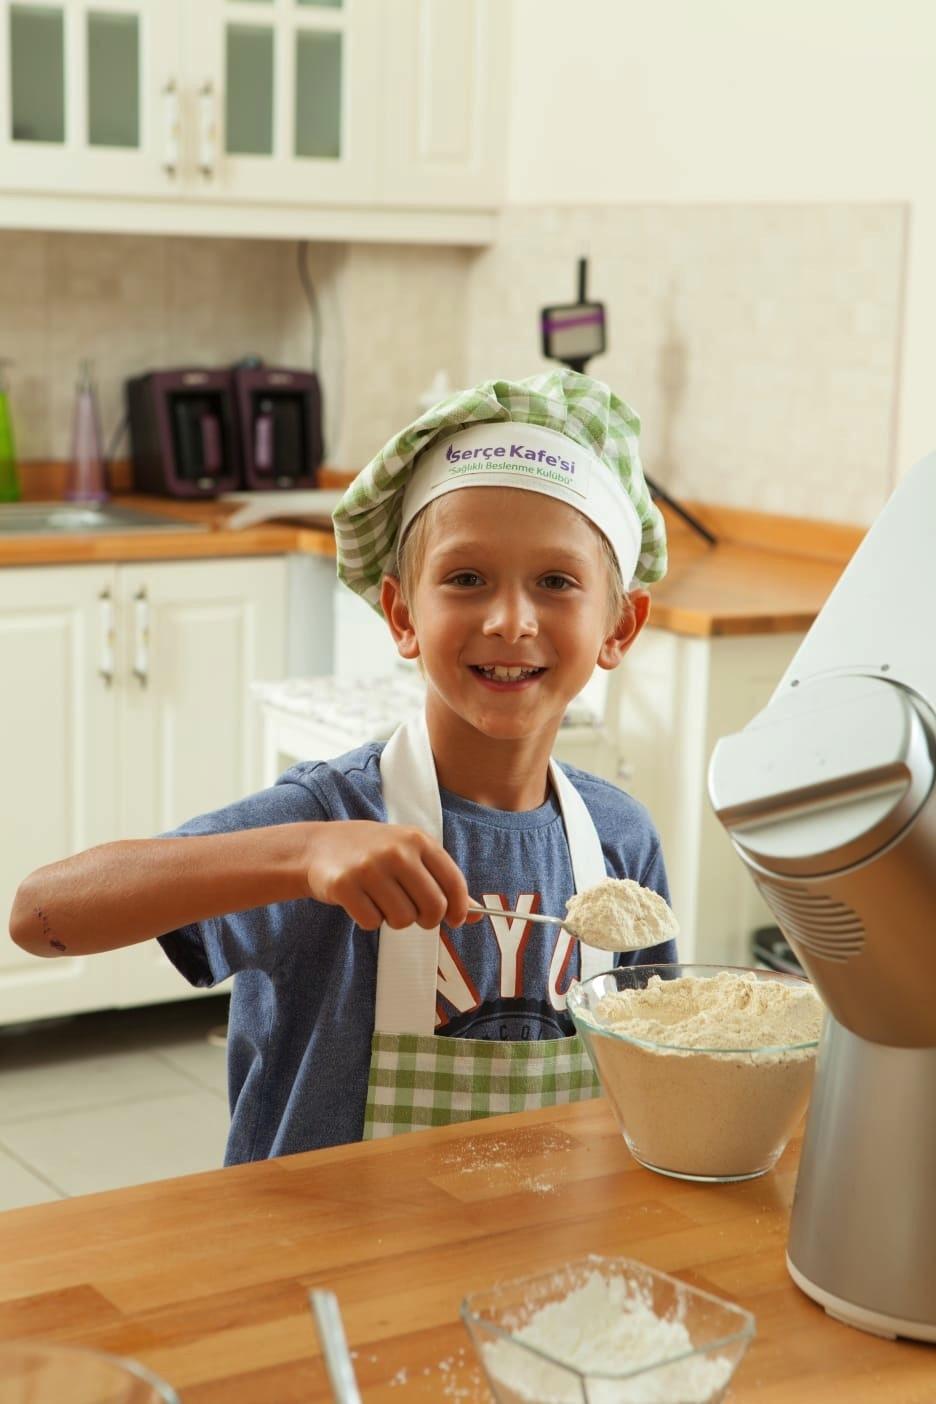 Serçe Kafesi Sağlıklı Beslenme Kulübü'nde mutfak eğitimleri neşeli geçiyor.